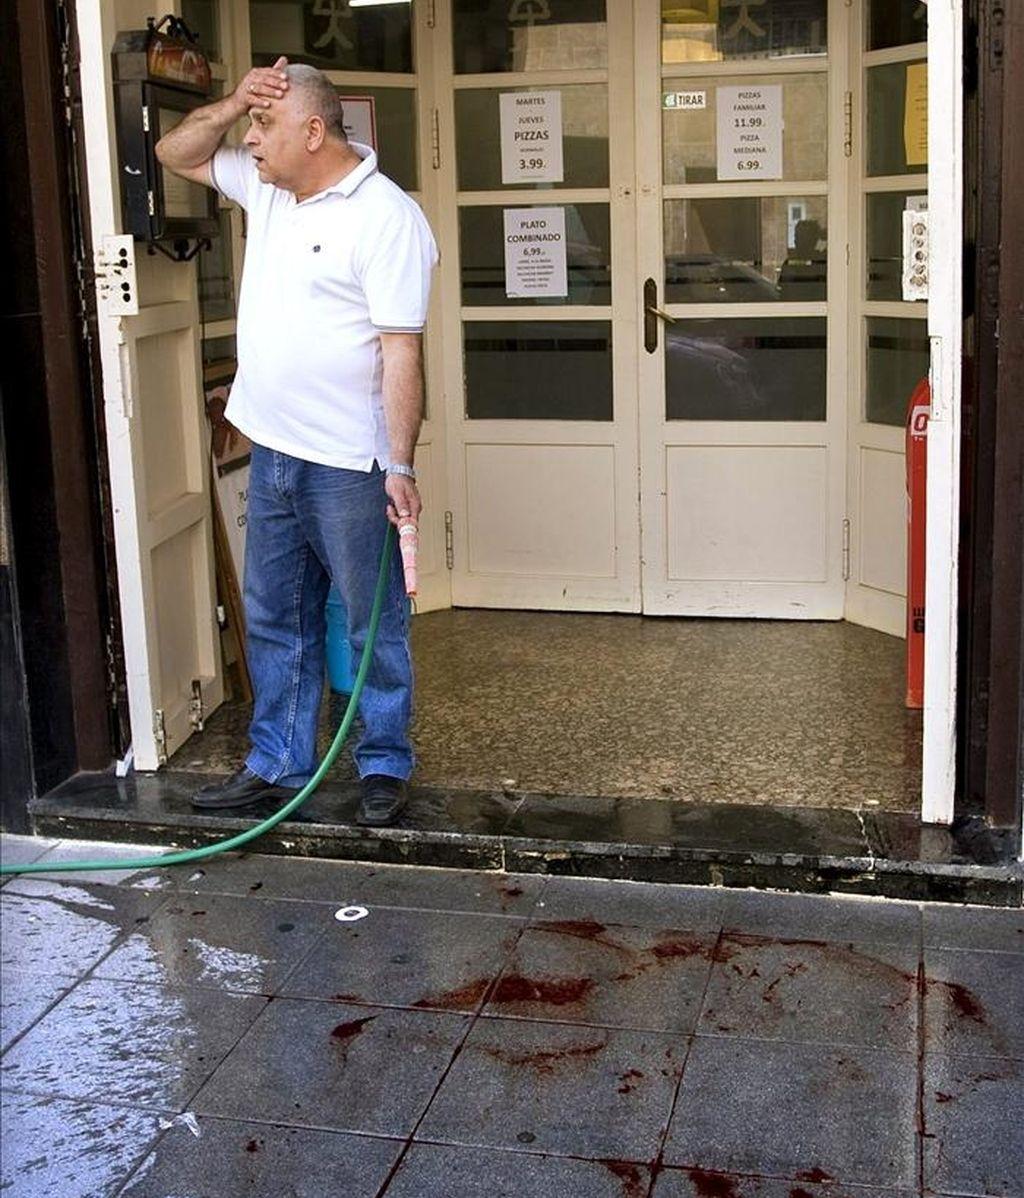 Un hombre limpia restos de sangre ante su establecimiento, en el lugar de la calle Vinaroz de esta ciudad donde una mujer de 30 años ha muerto hoy apuñalada, presuntamente, por su pareja en Almería, tras lo cual ha sido detenido su compañero, de 42 años, con quien la víctima estaba en trámites de separación y tenía dos hijos. EFE